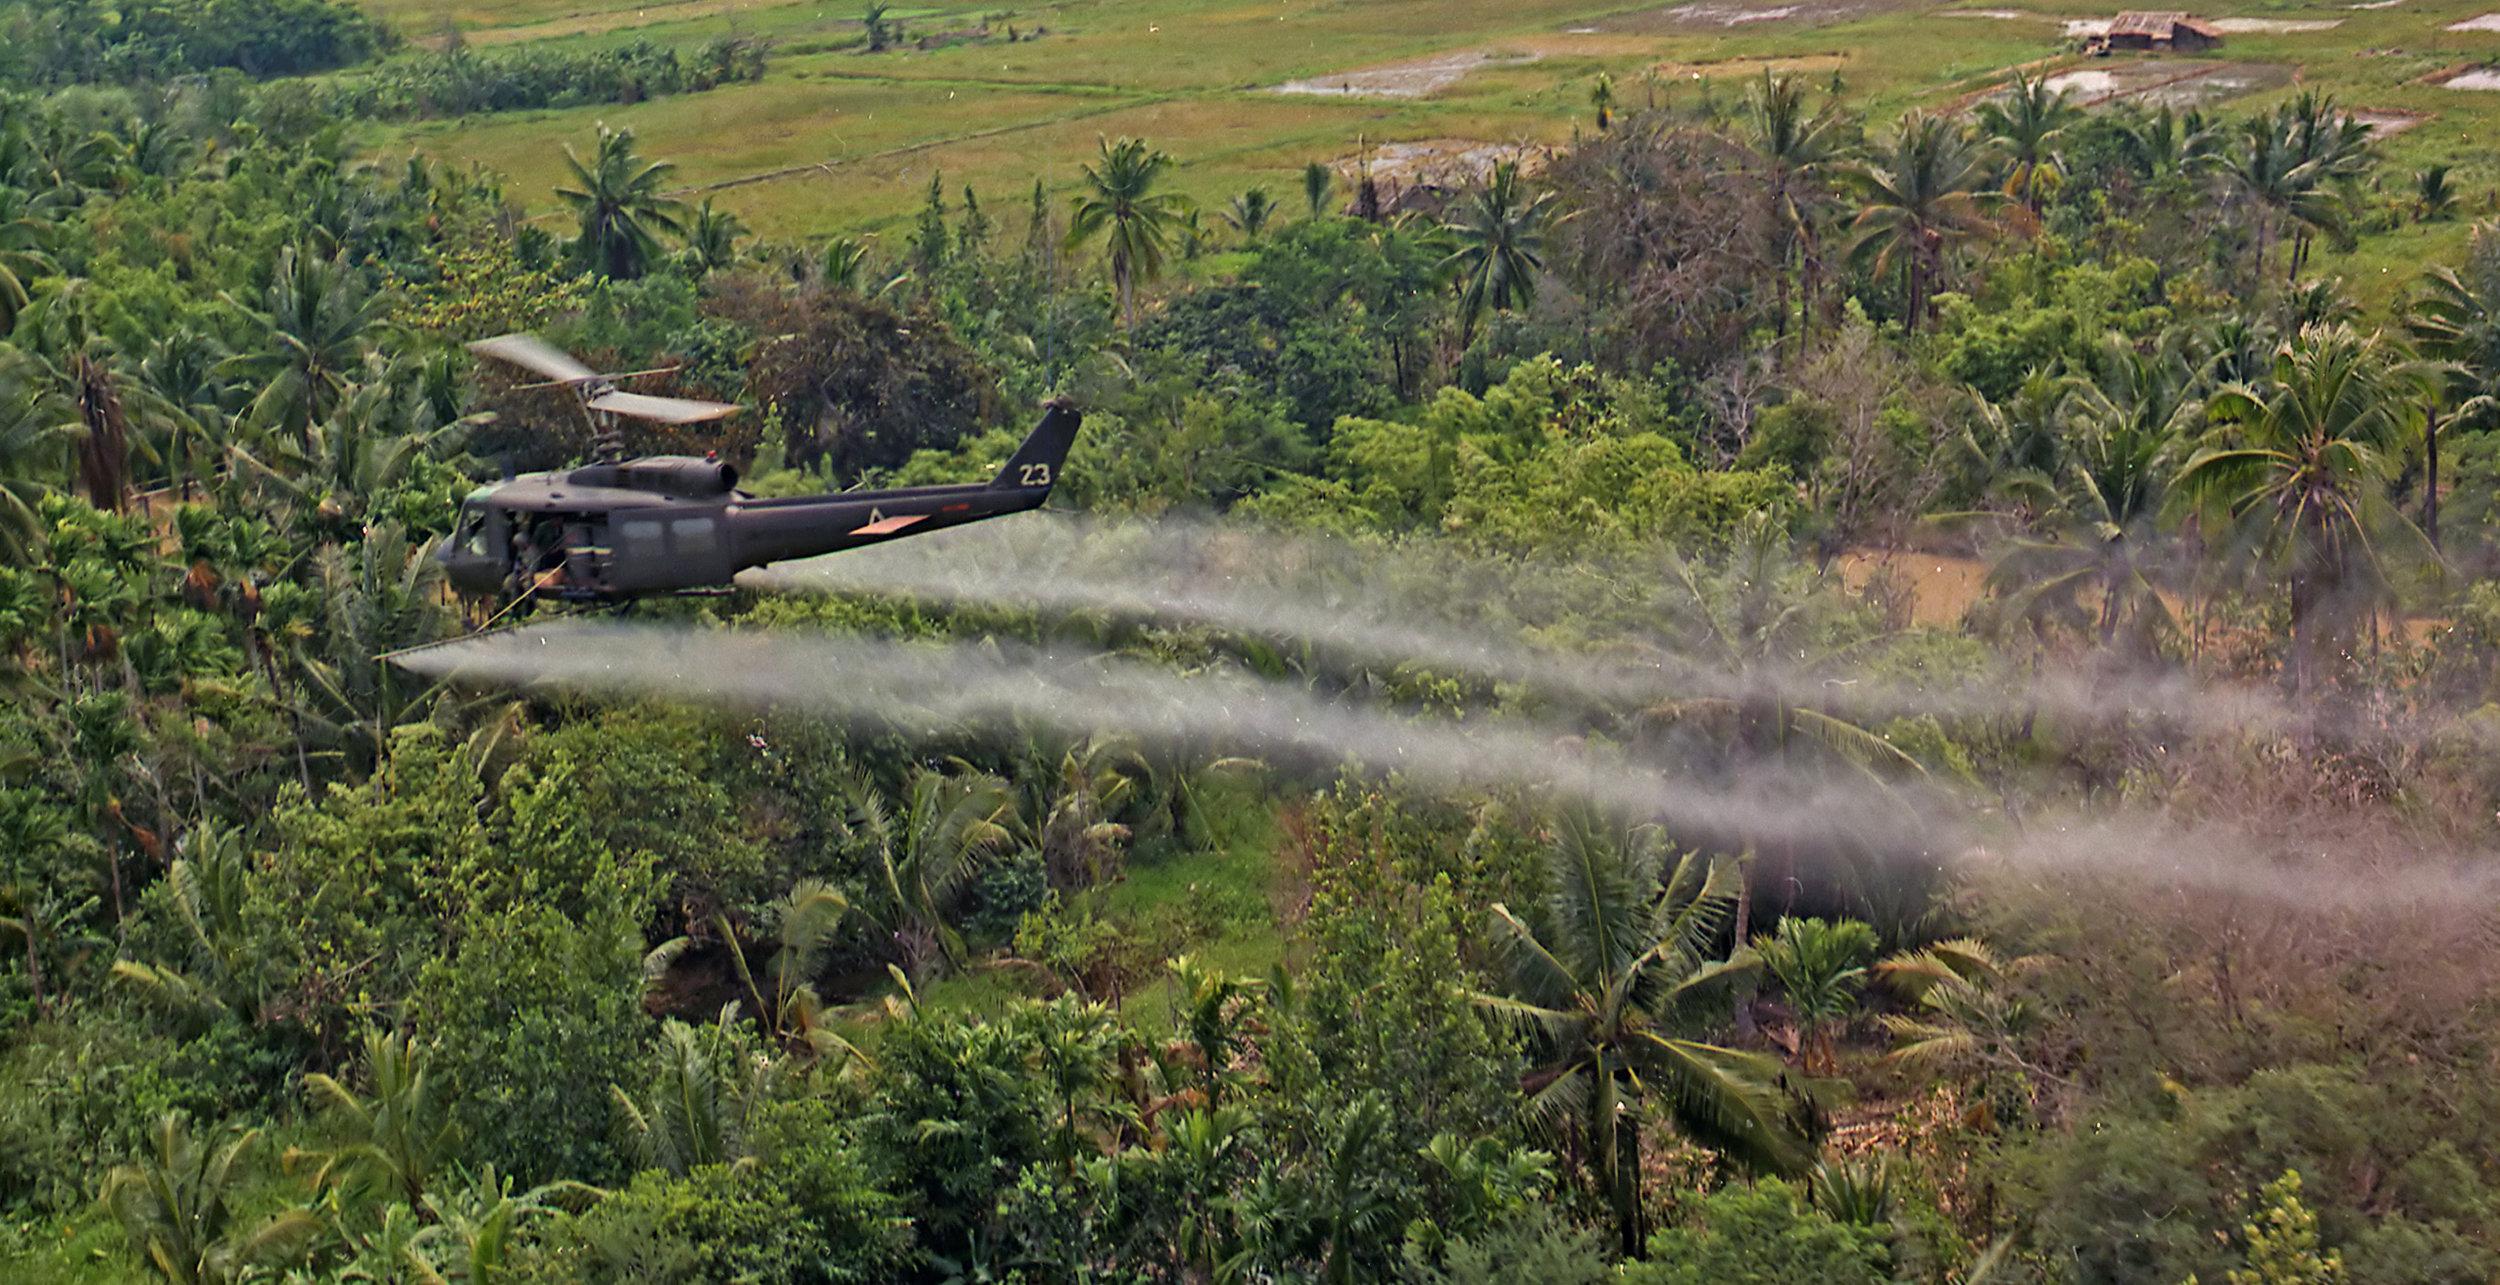 Agent Orange spraying during the Vietnam War